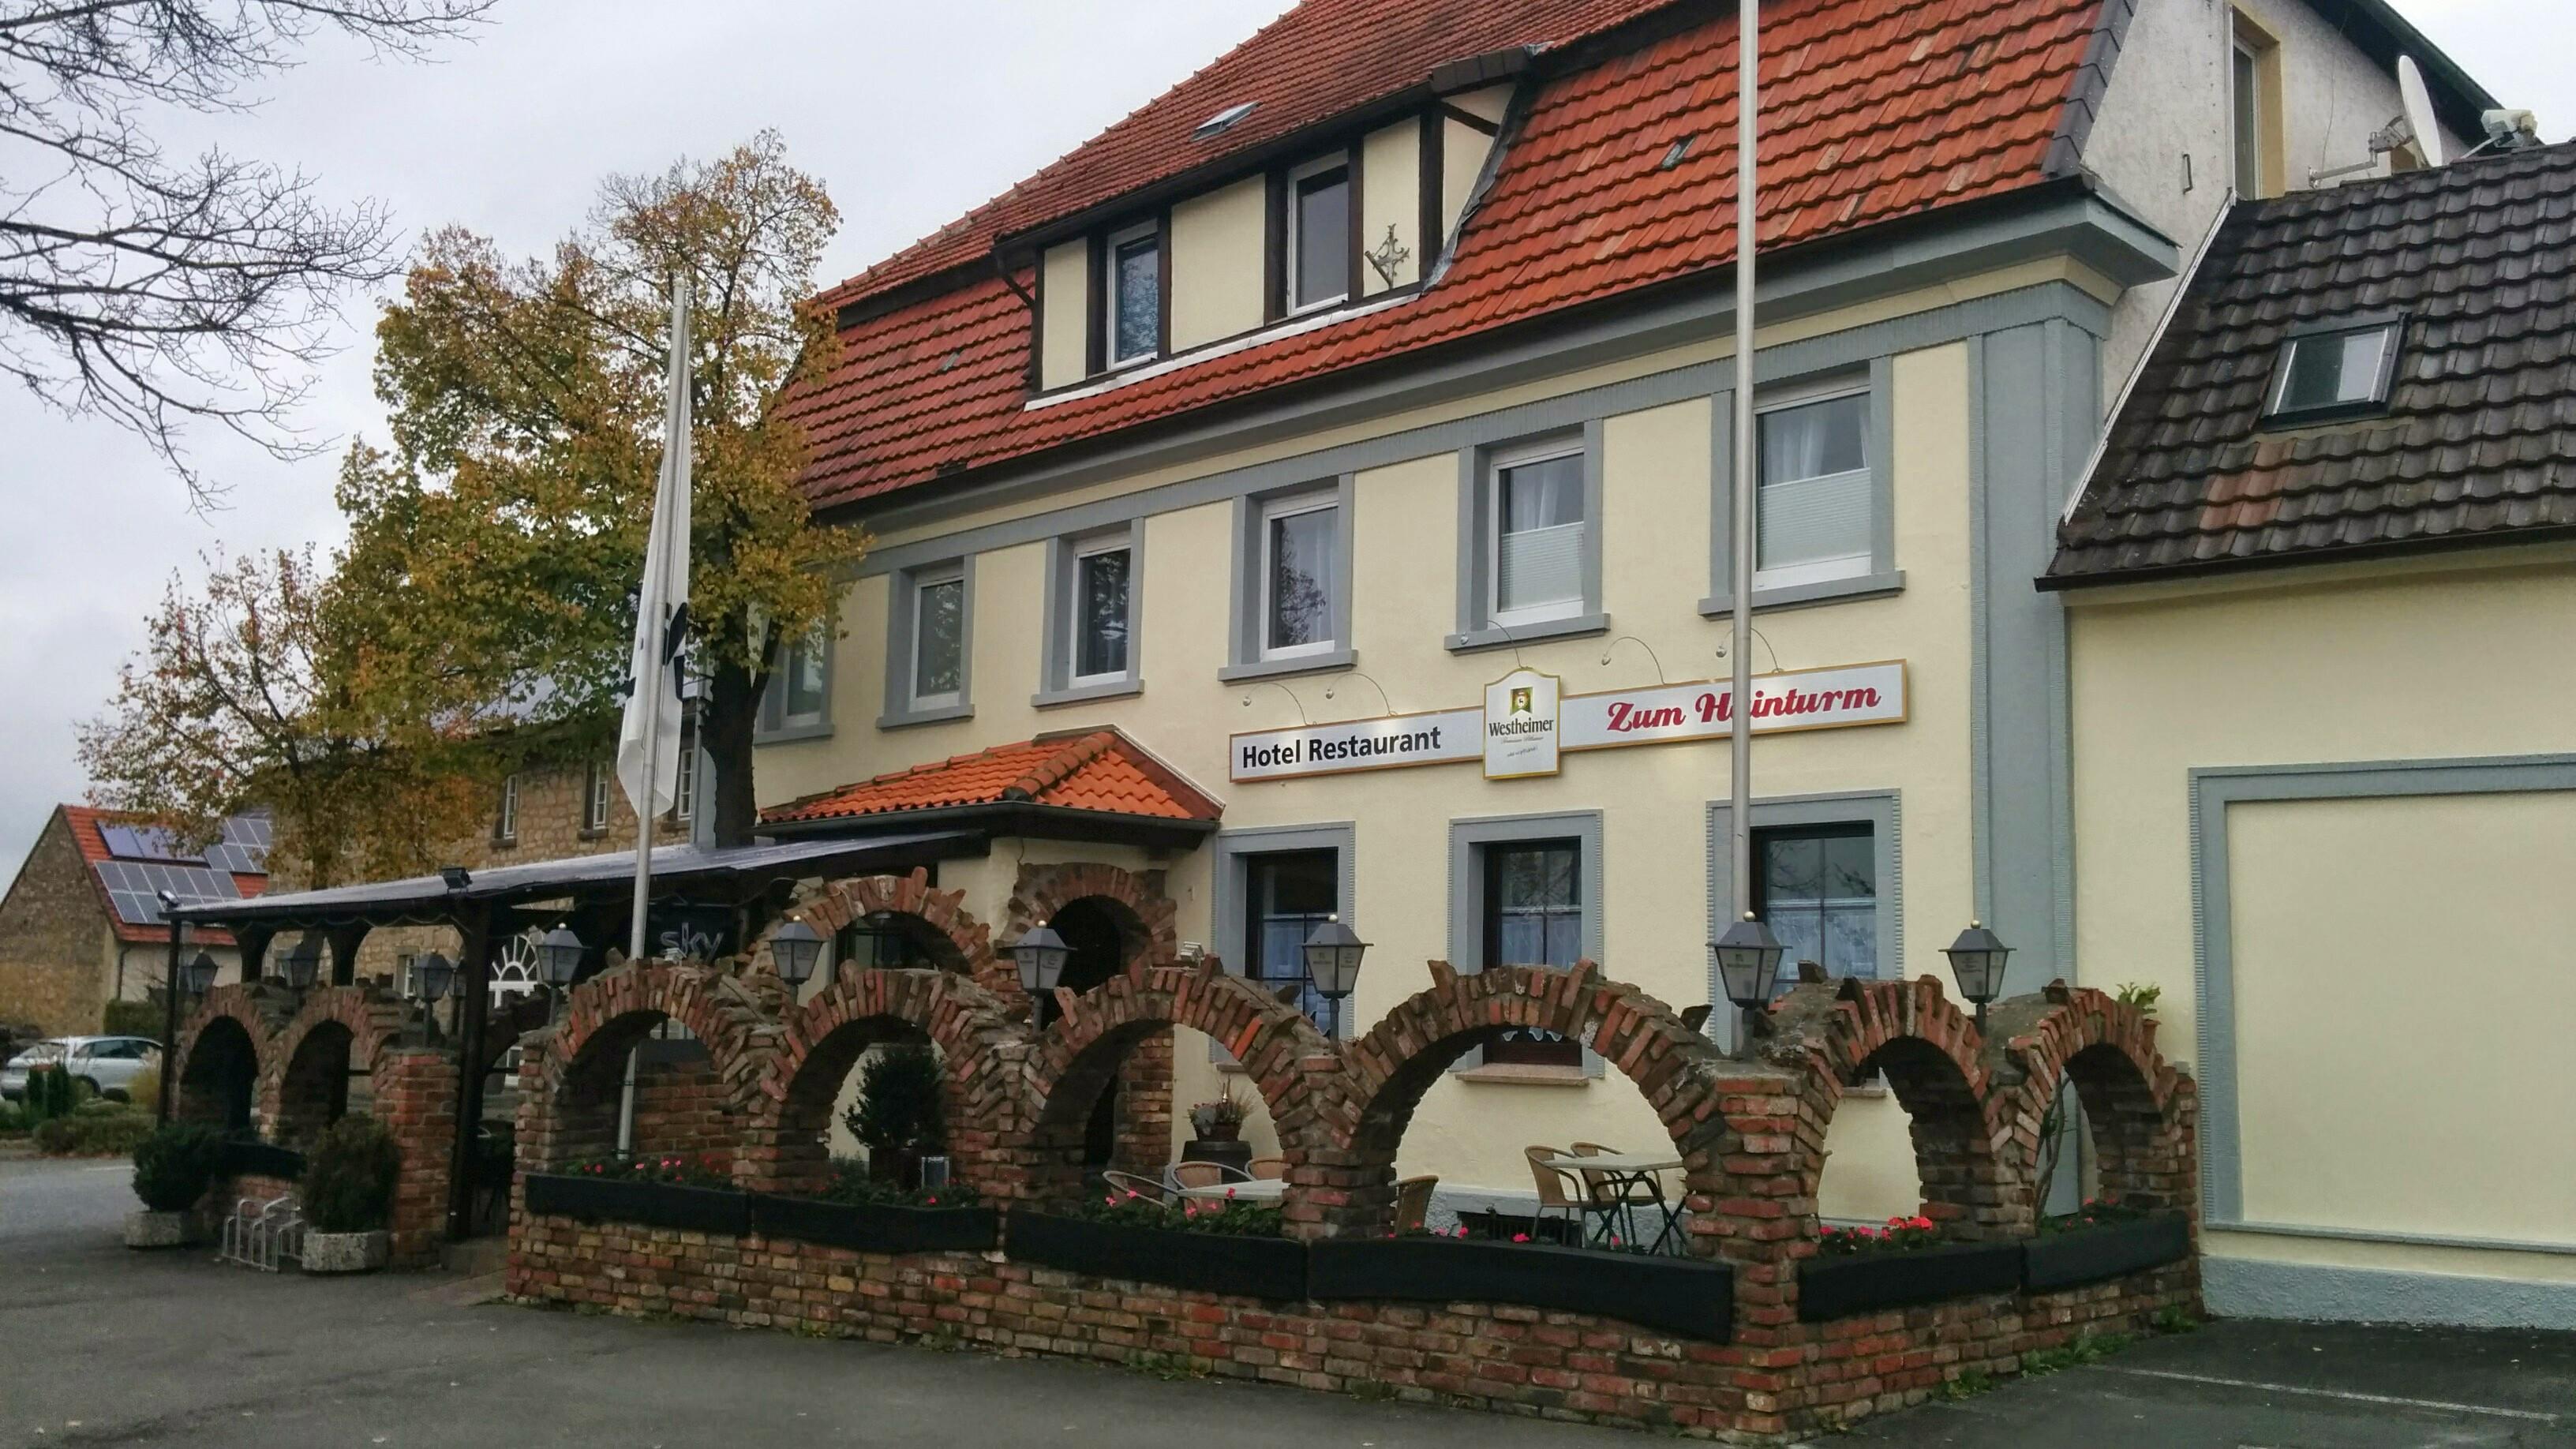 Gaststätte Zum Hainturm 27-10-14